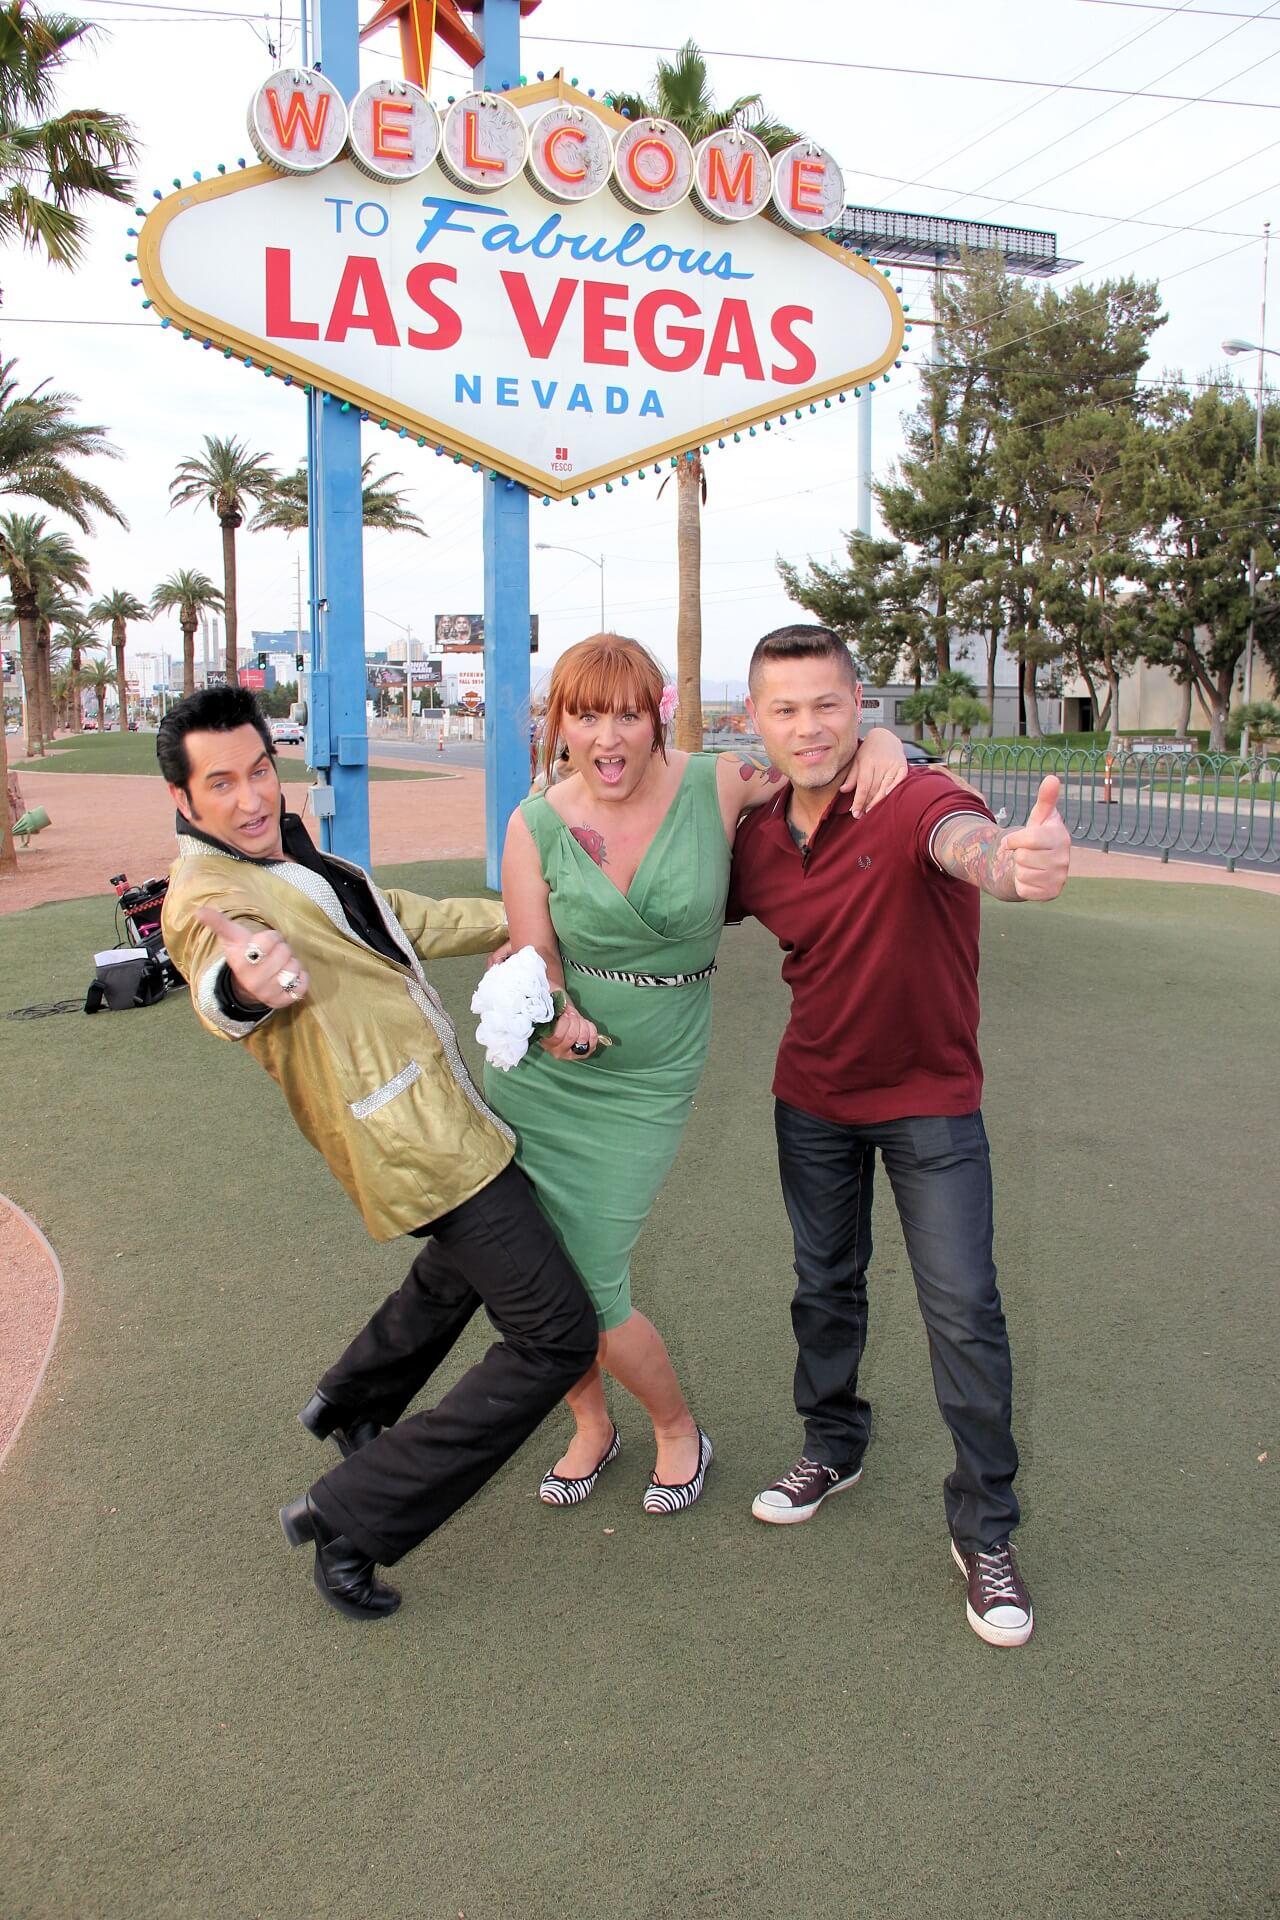 Elvis Las Vegas Sign Photo Tour